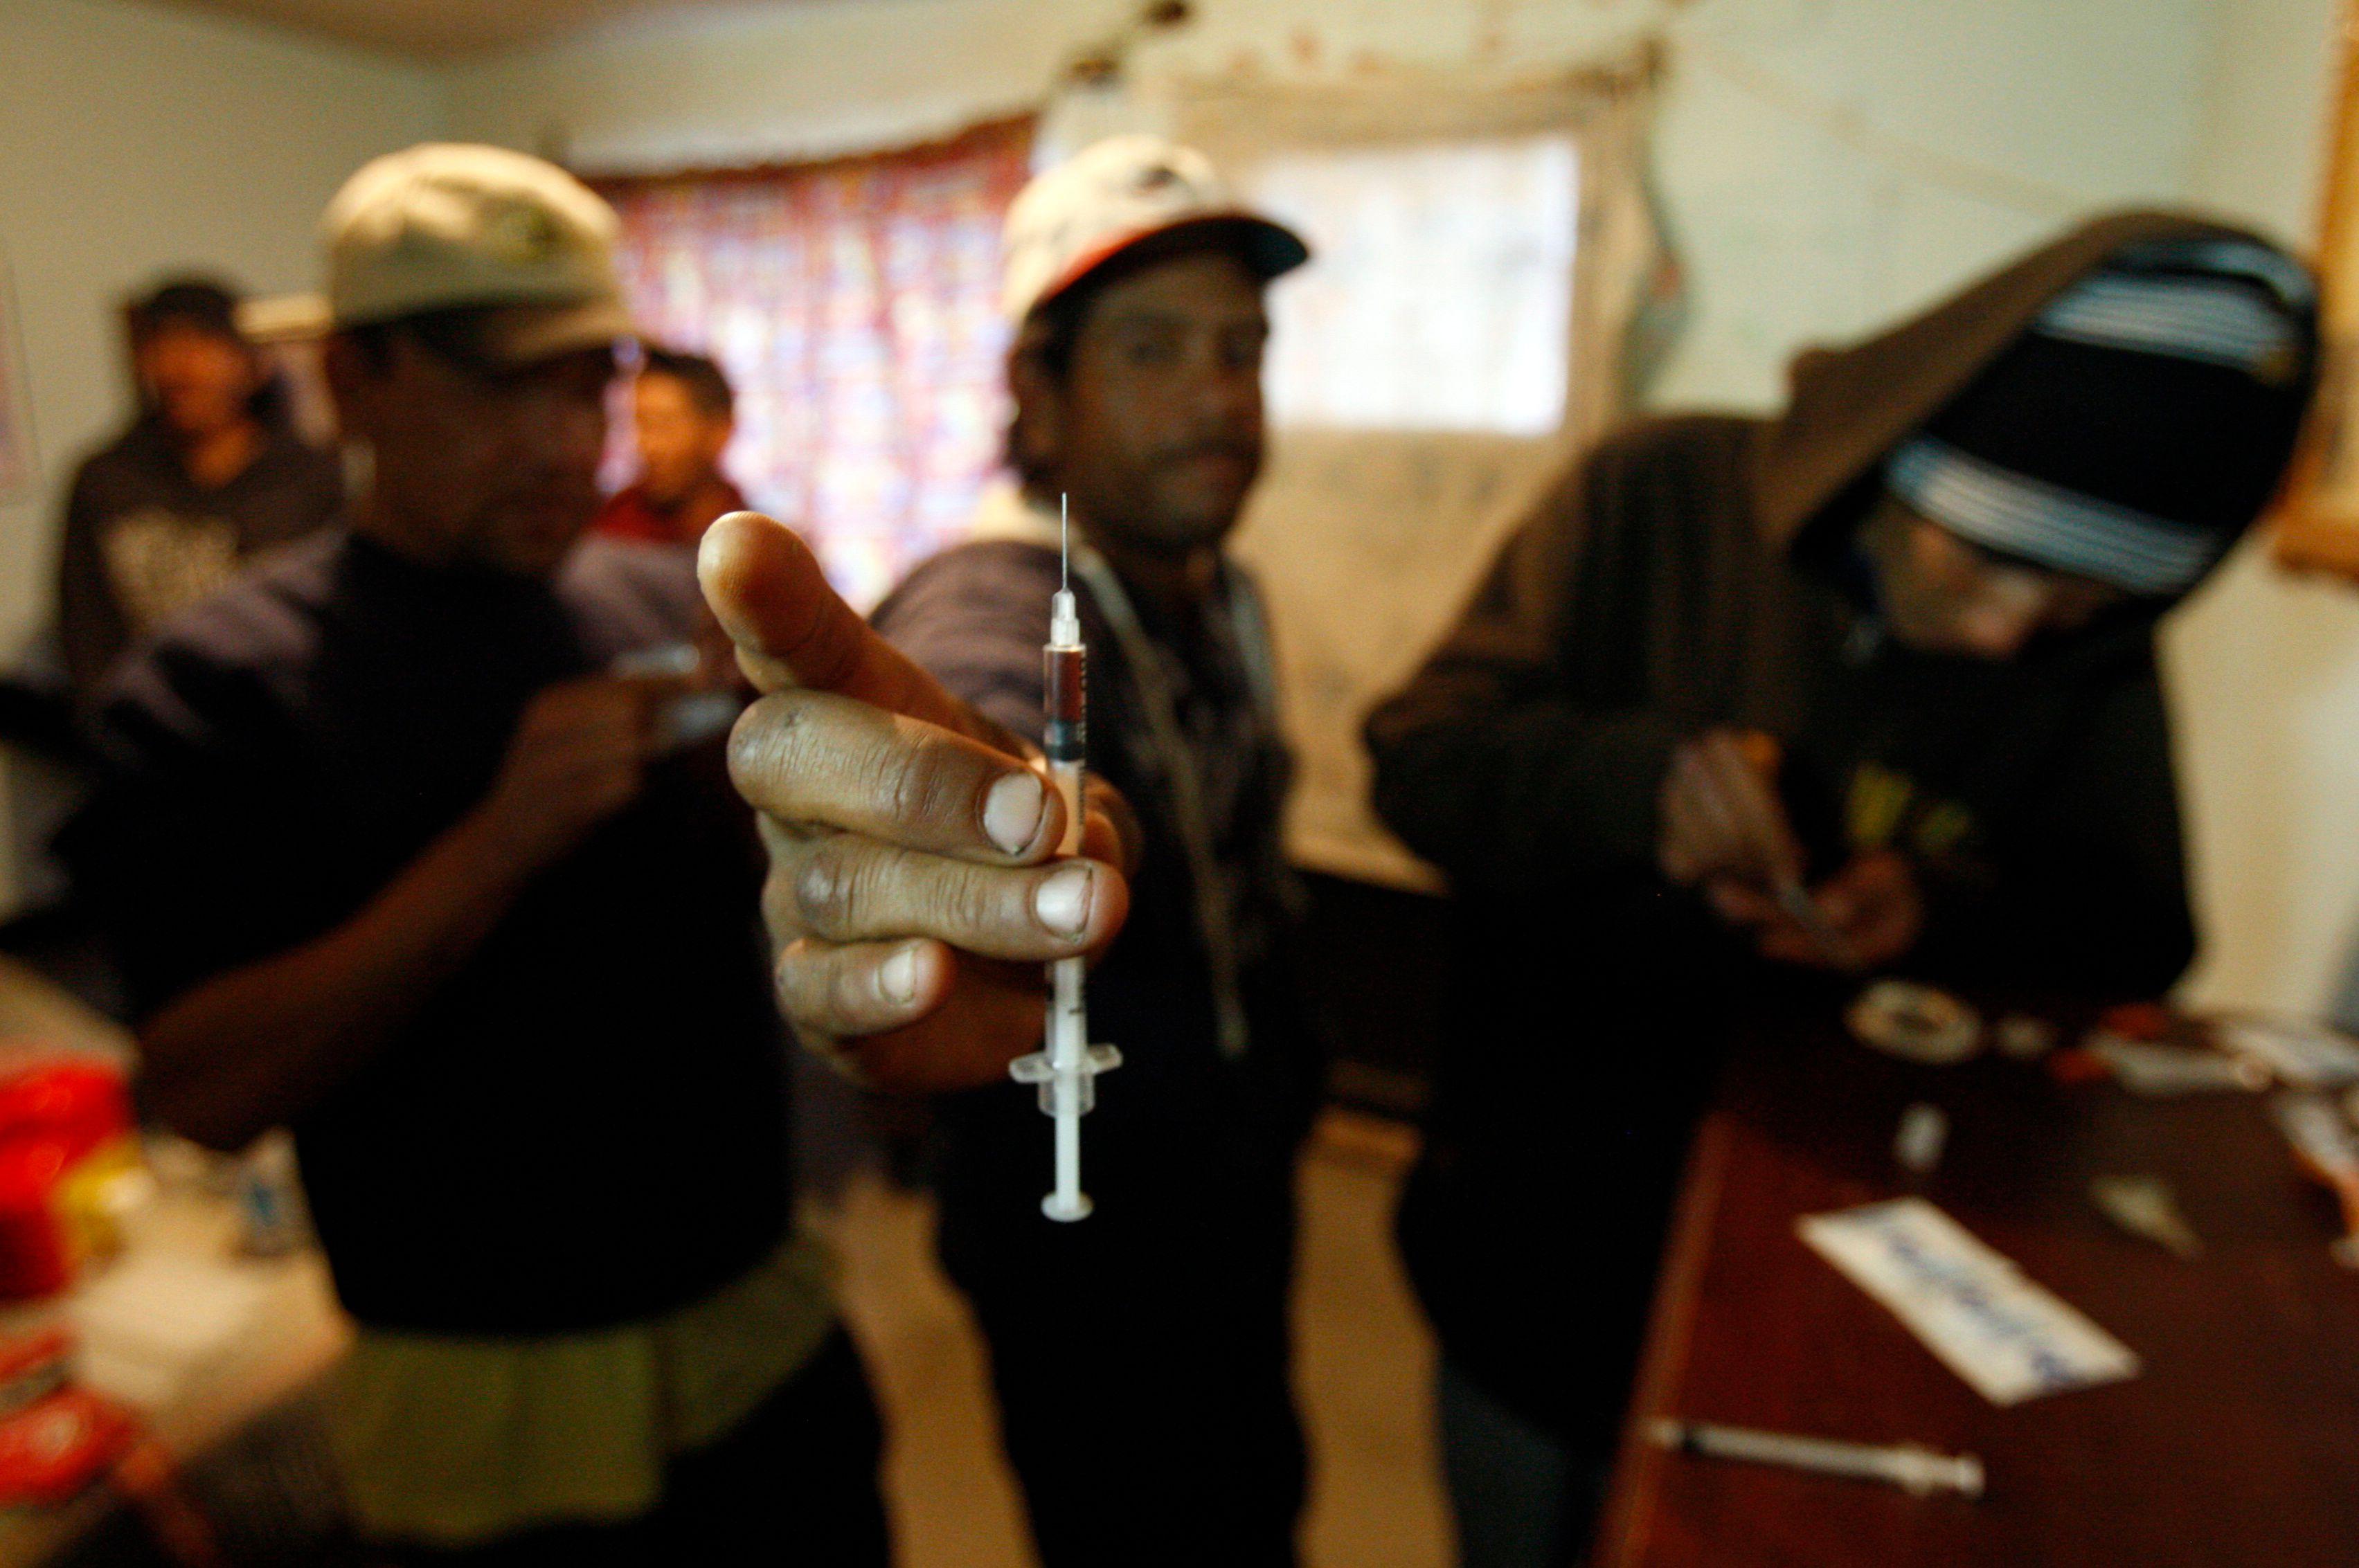 Des luttes sanglantes pour conquérir les territoires où distribuer la drogue font rage à Ciudad Juárez.